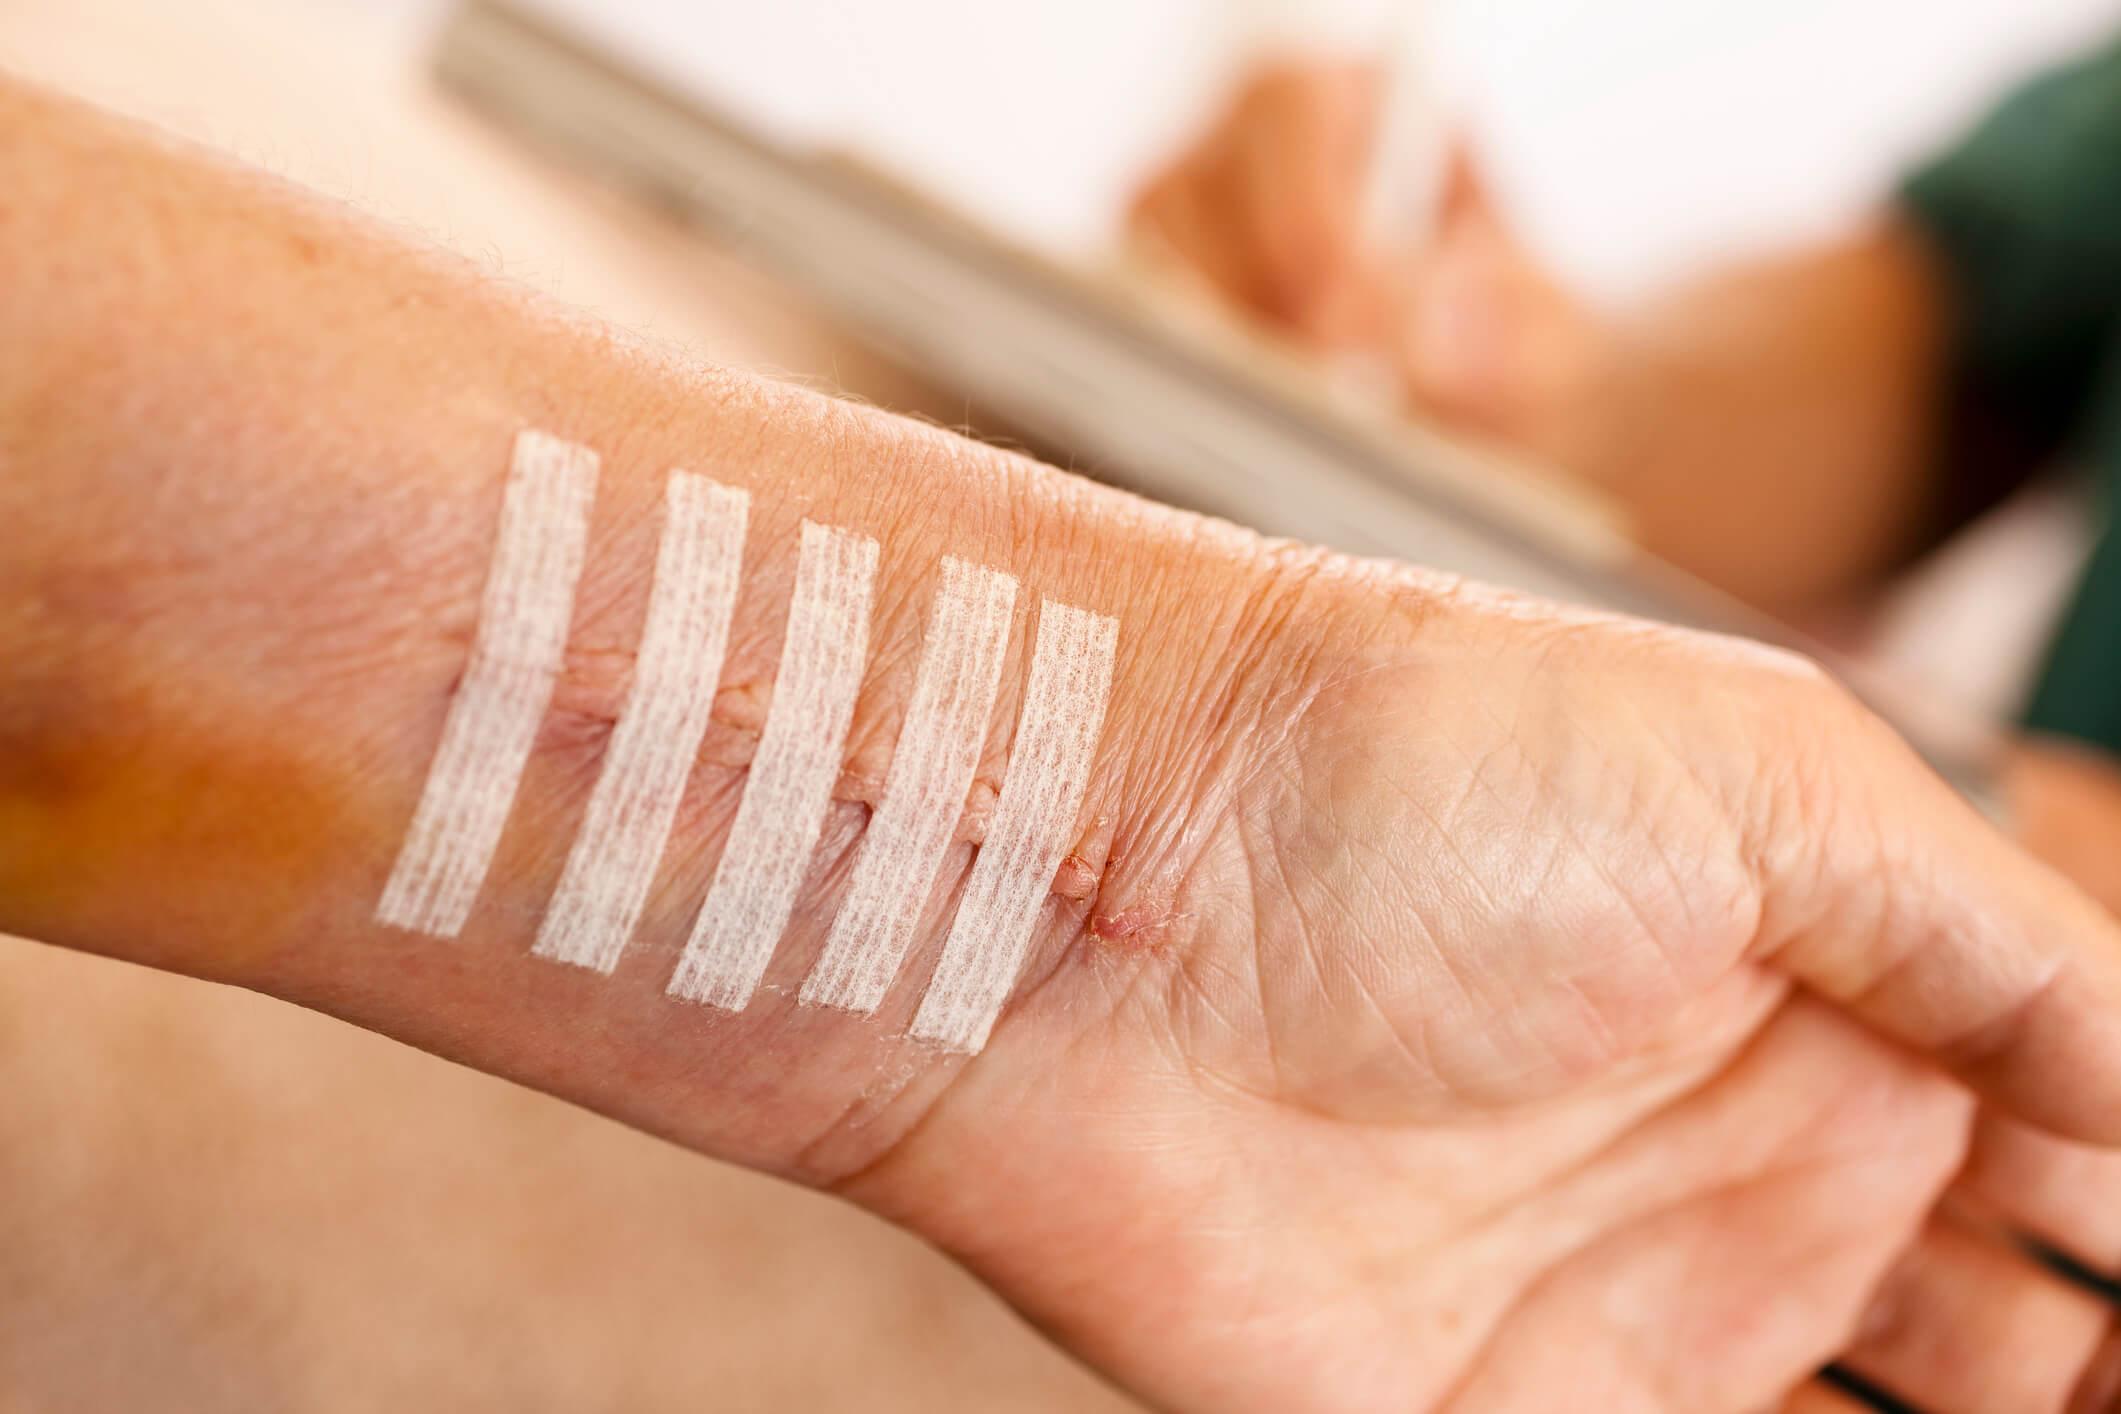 Como funciona a cirurgia de correção de cicatriz? Entenda aqui!